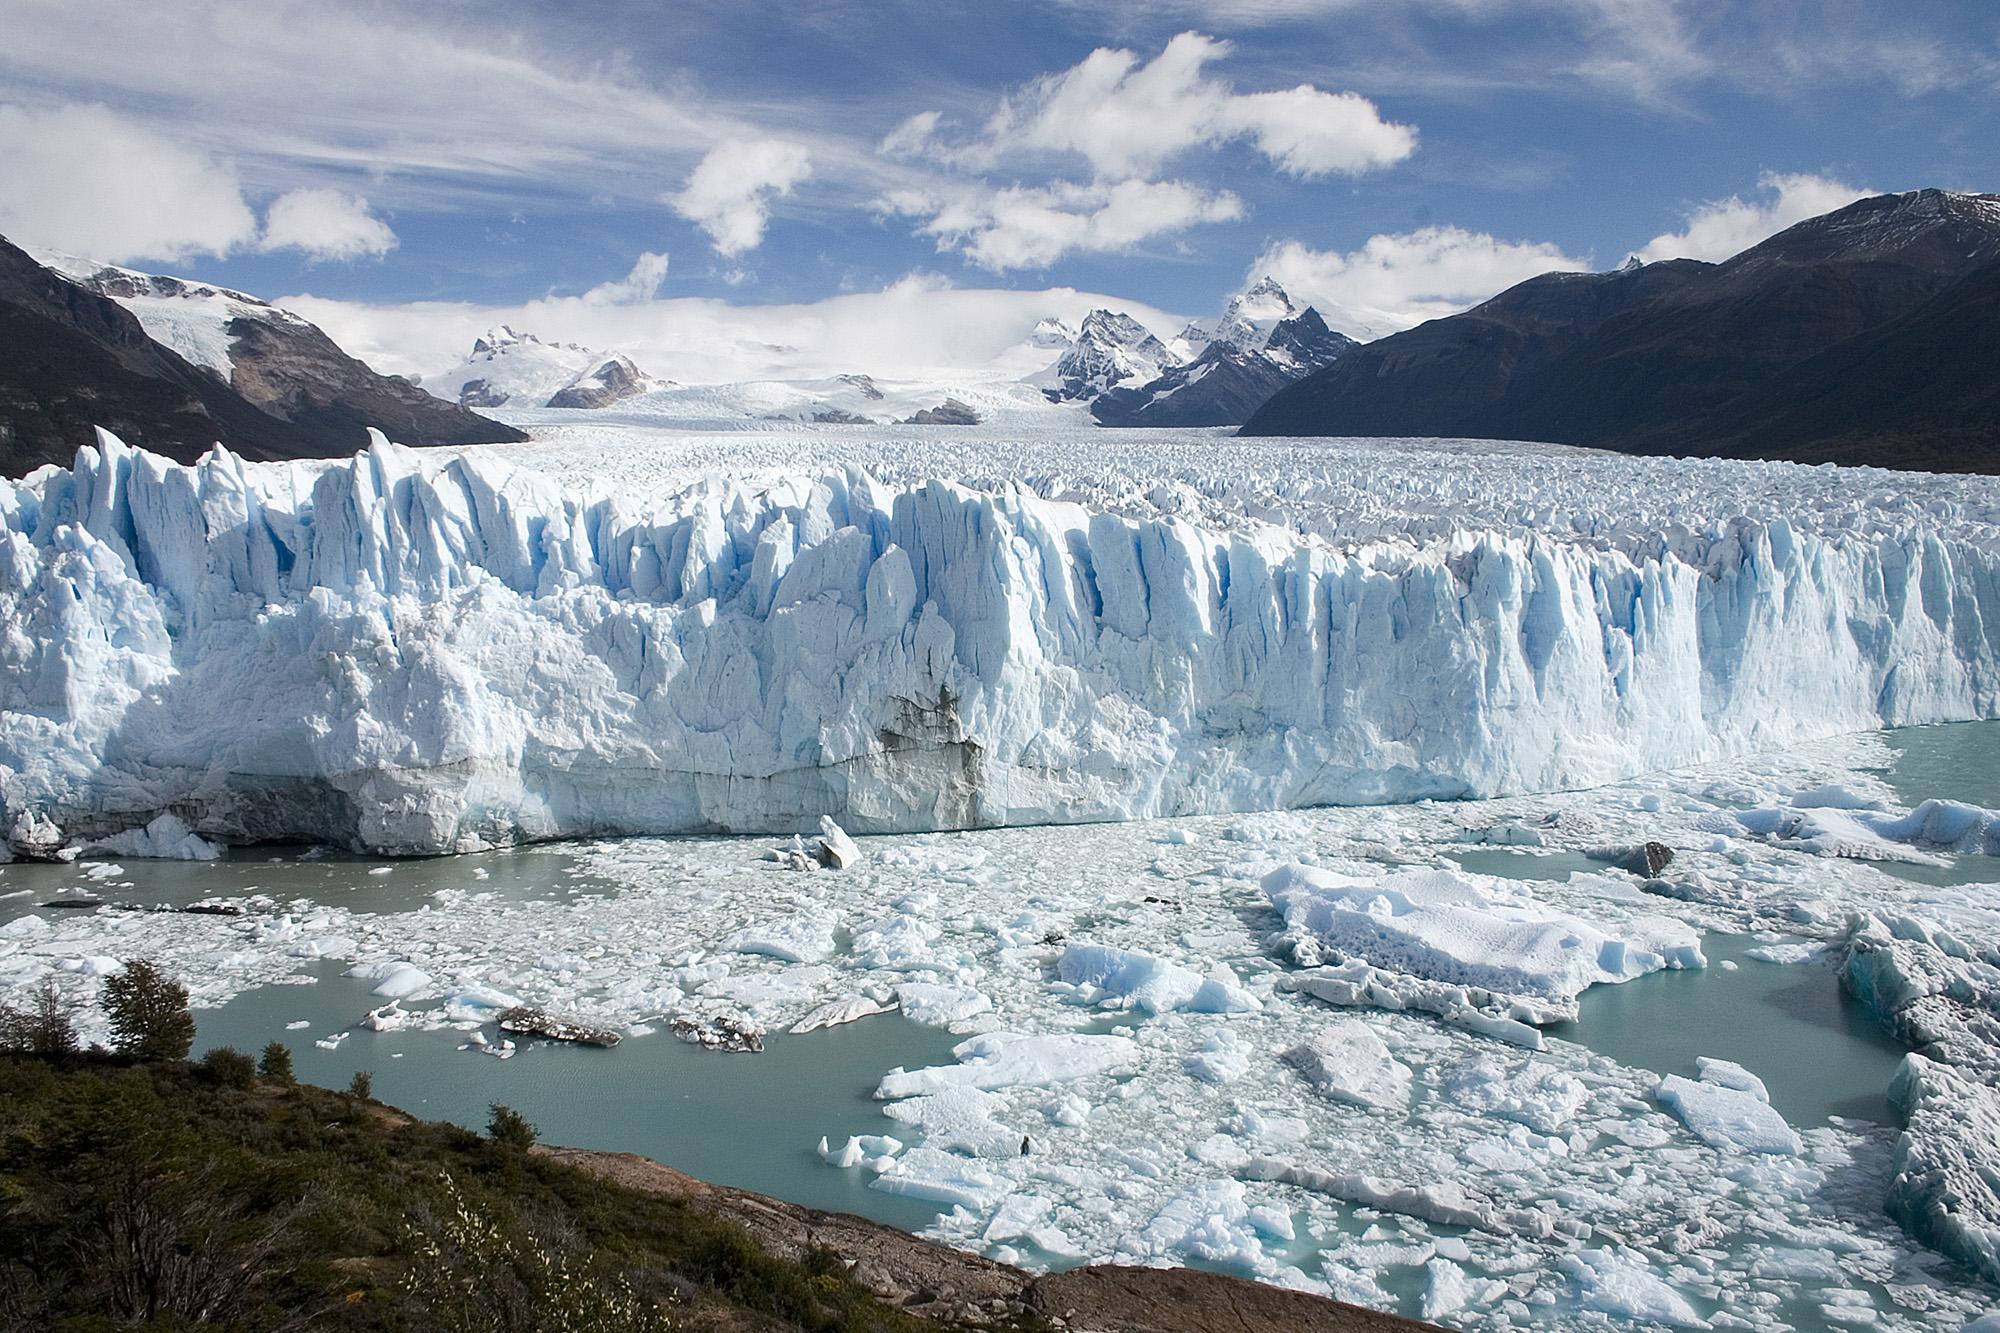 glacier perito moreno Melhores Geleiras para Conhecer: Argentina, Chile, Alaska e mais Fotos